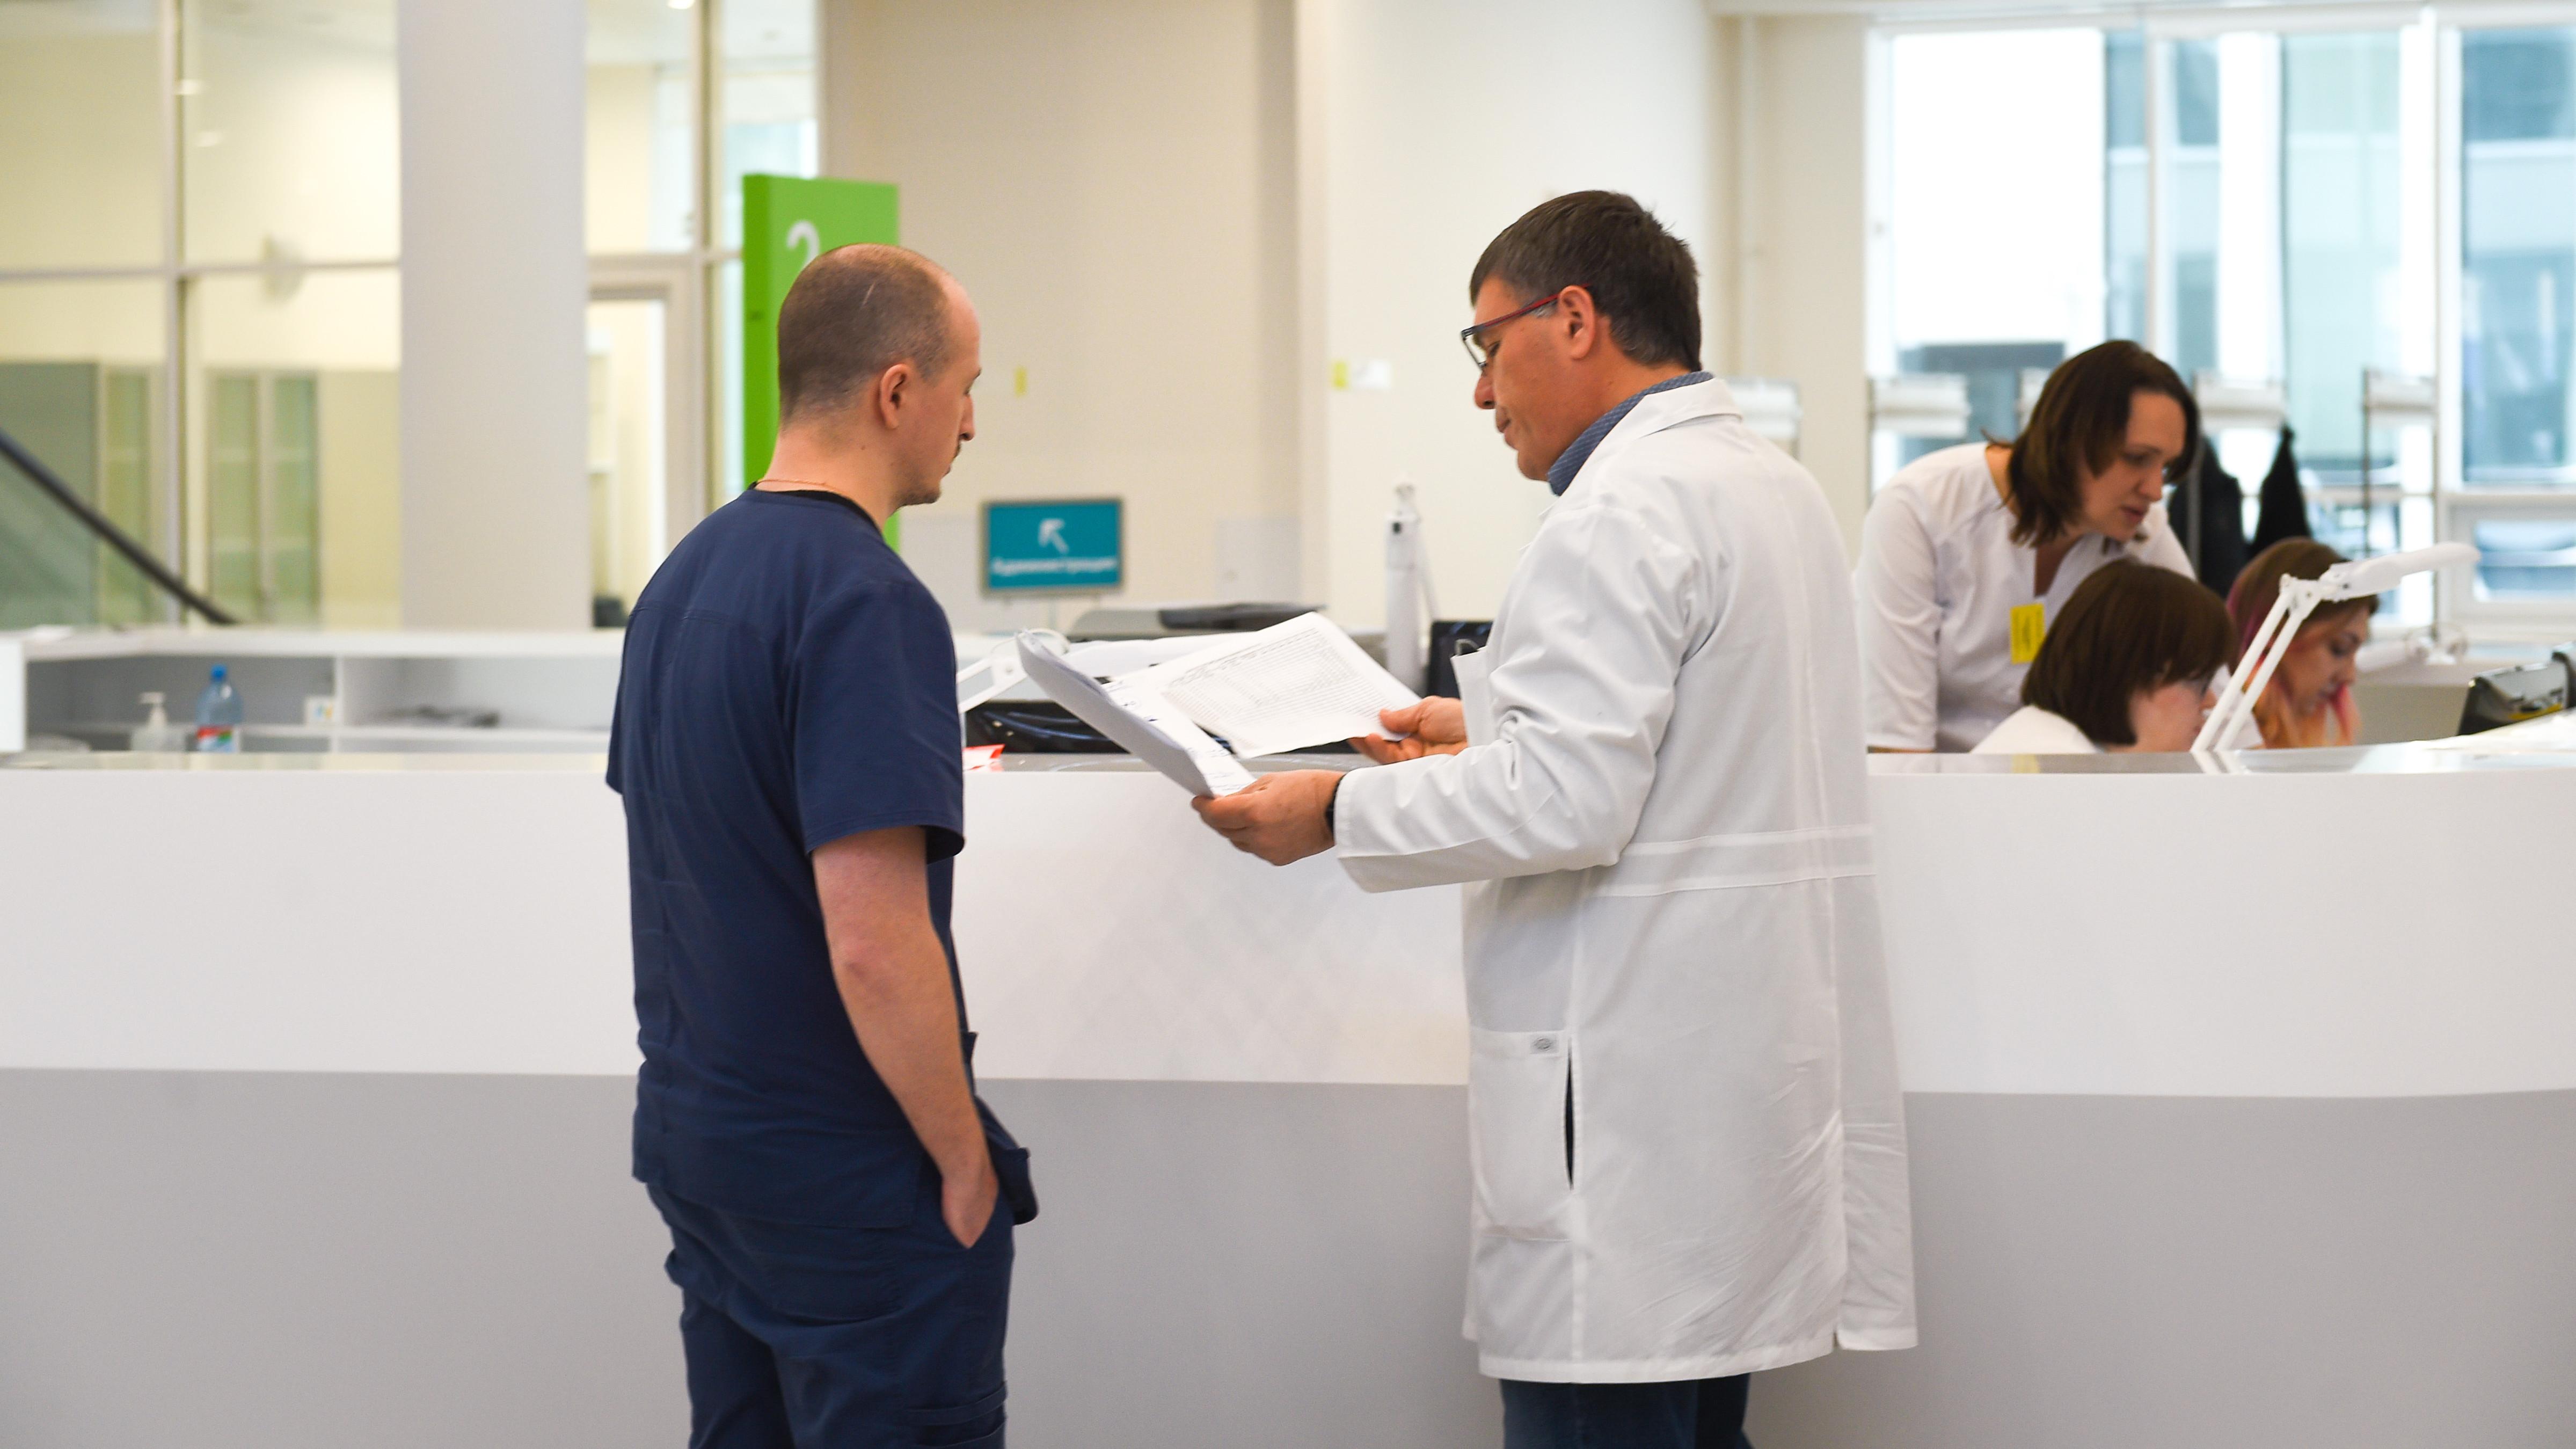 Еще 1228 случаев заболевания коронавирусом выявили в Московской области за сутки